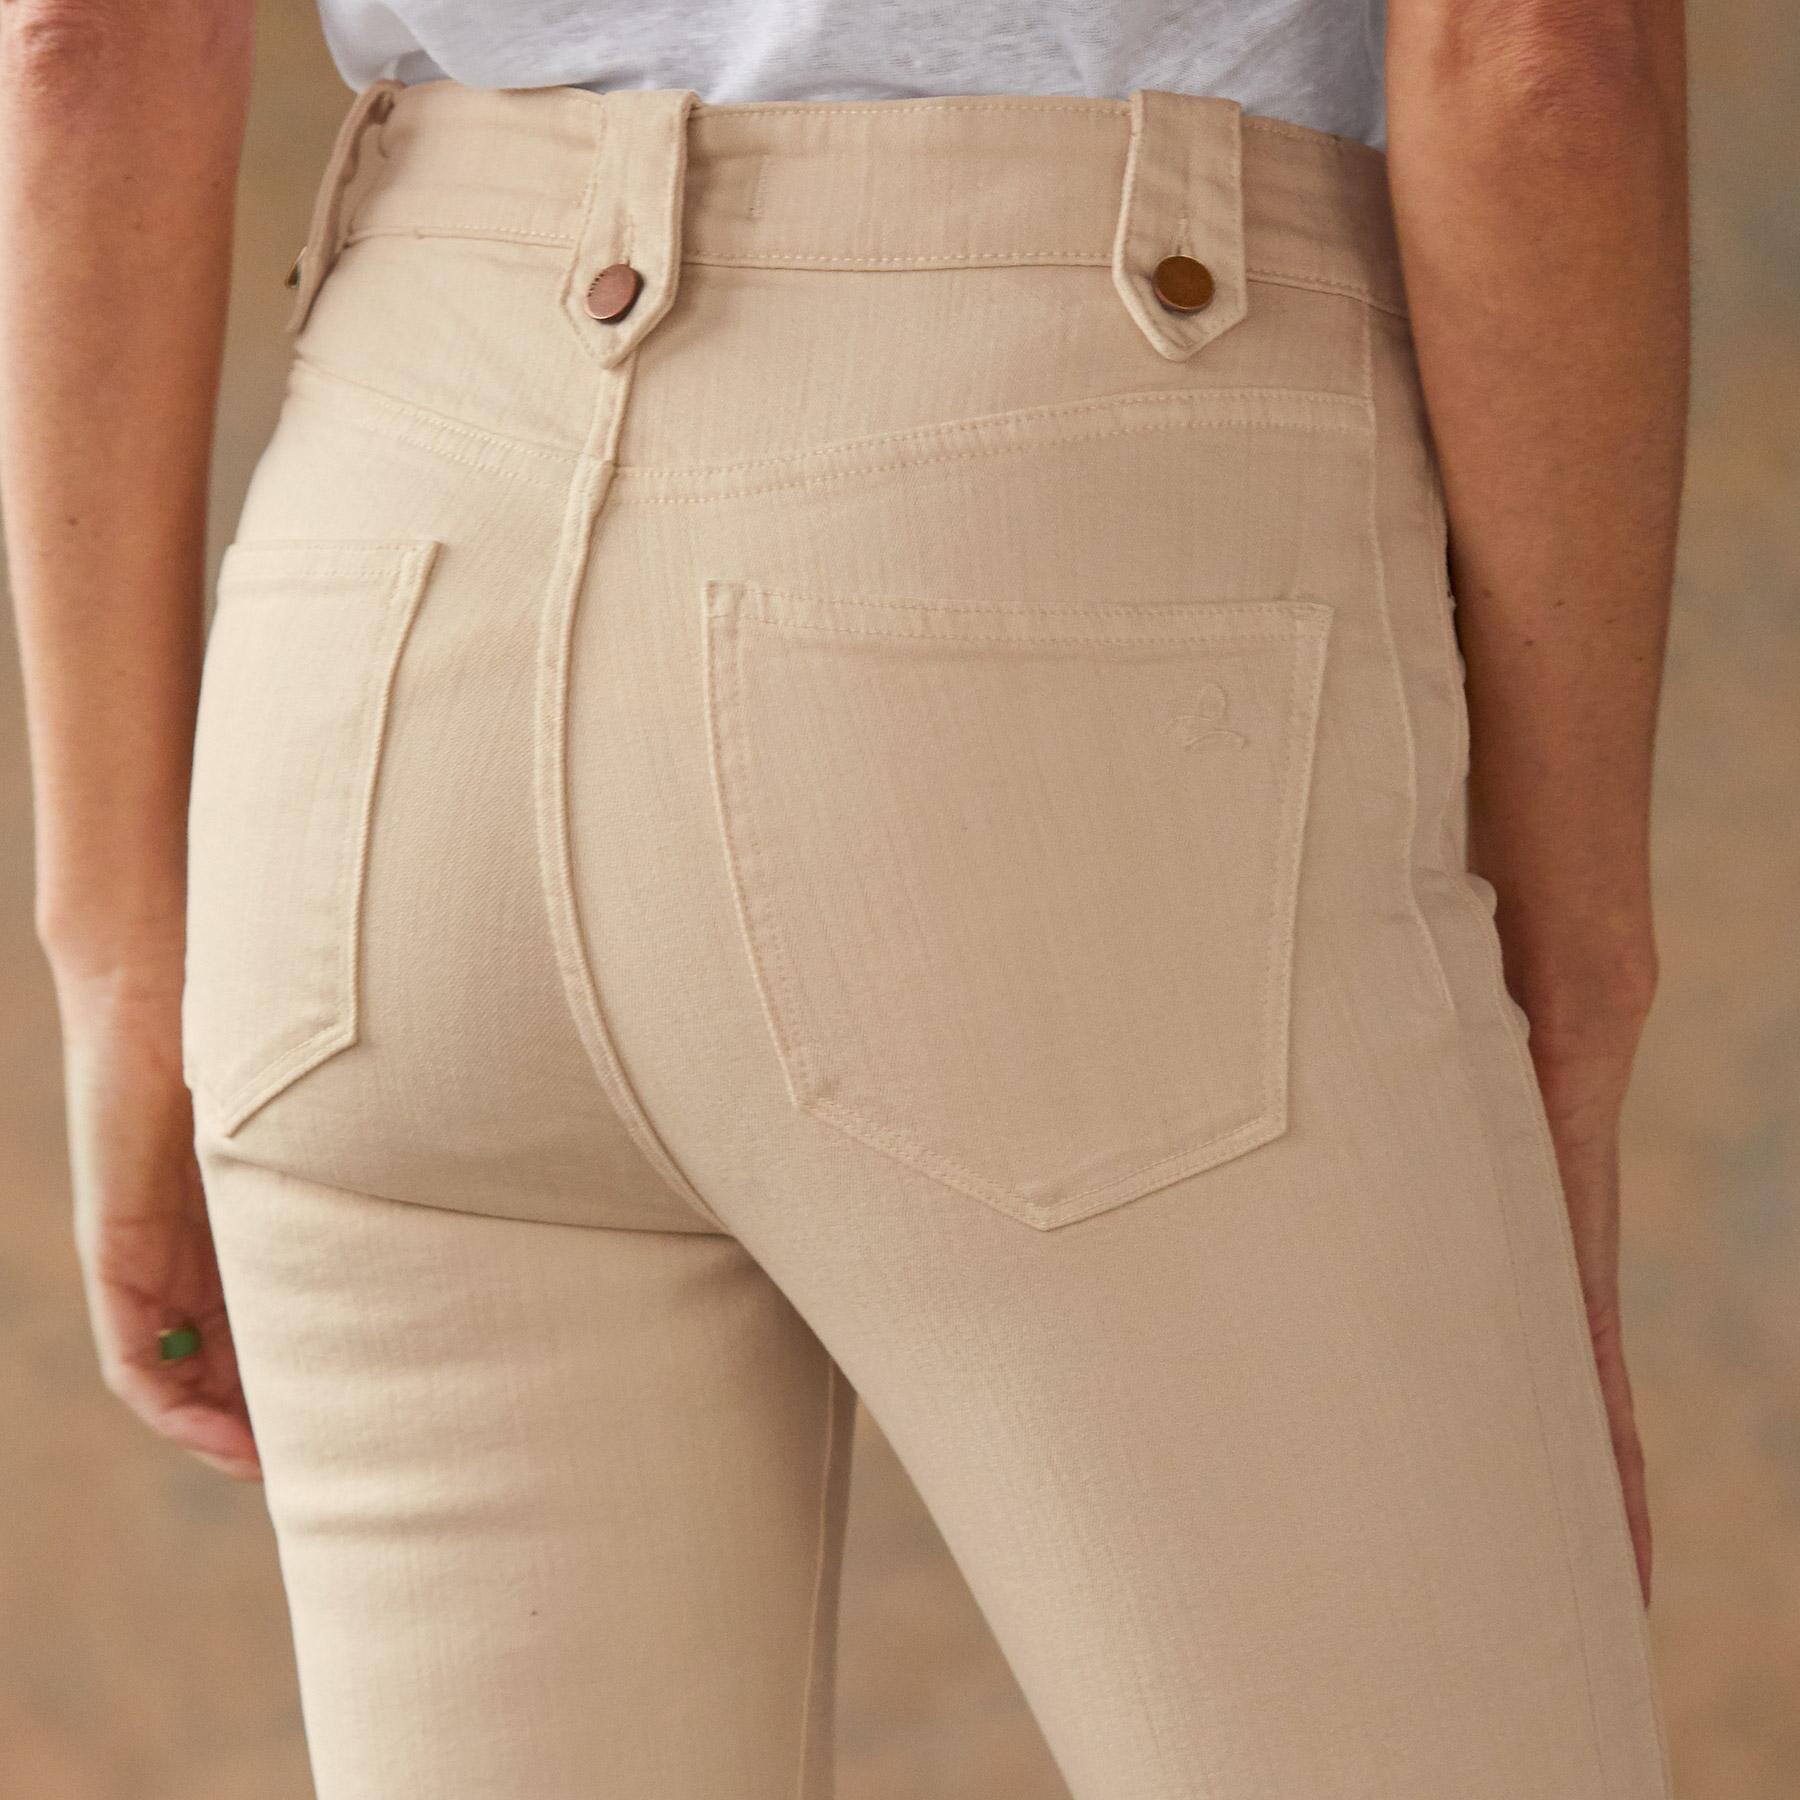 FARROW PANTS: View 5